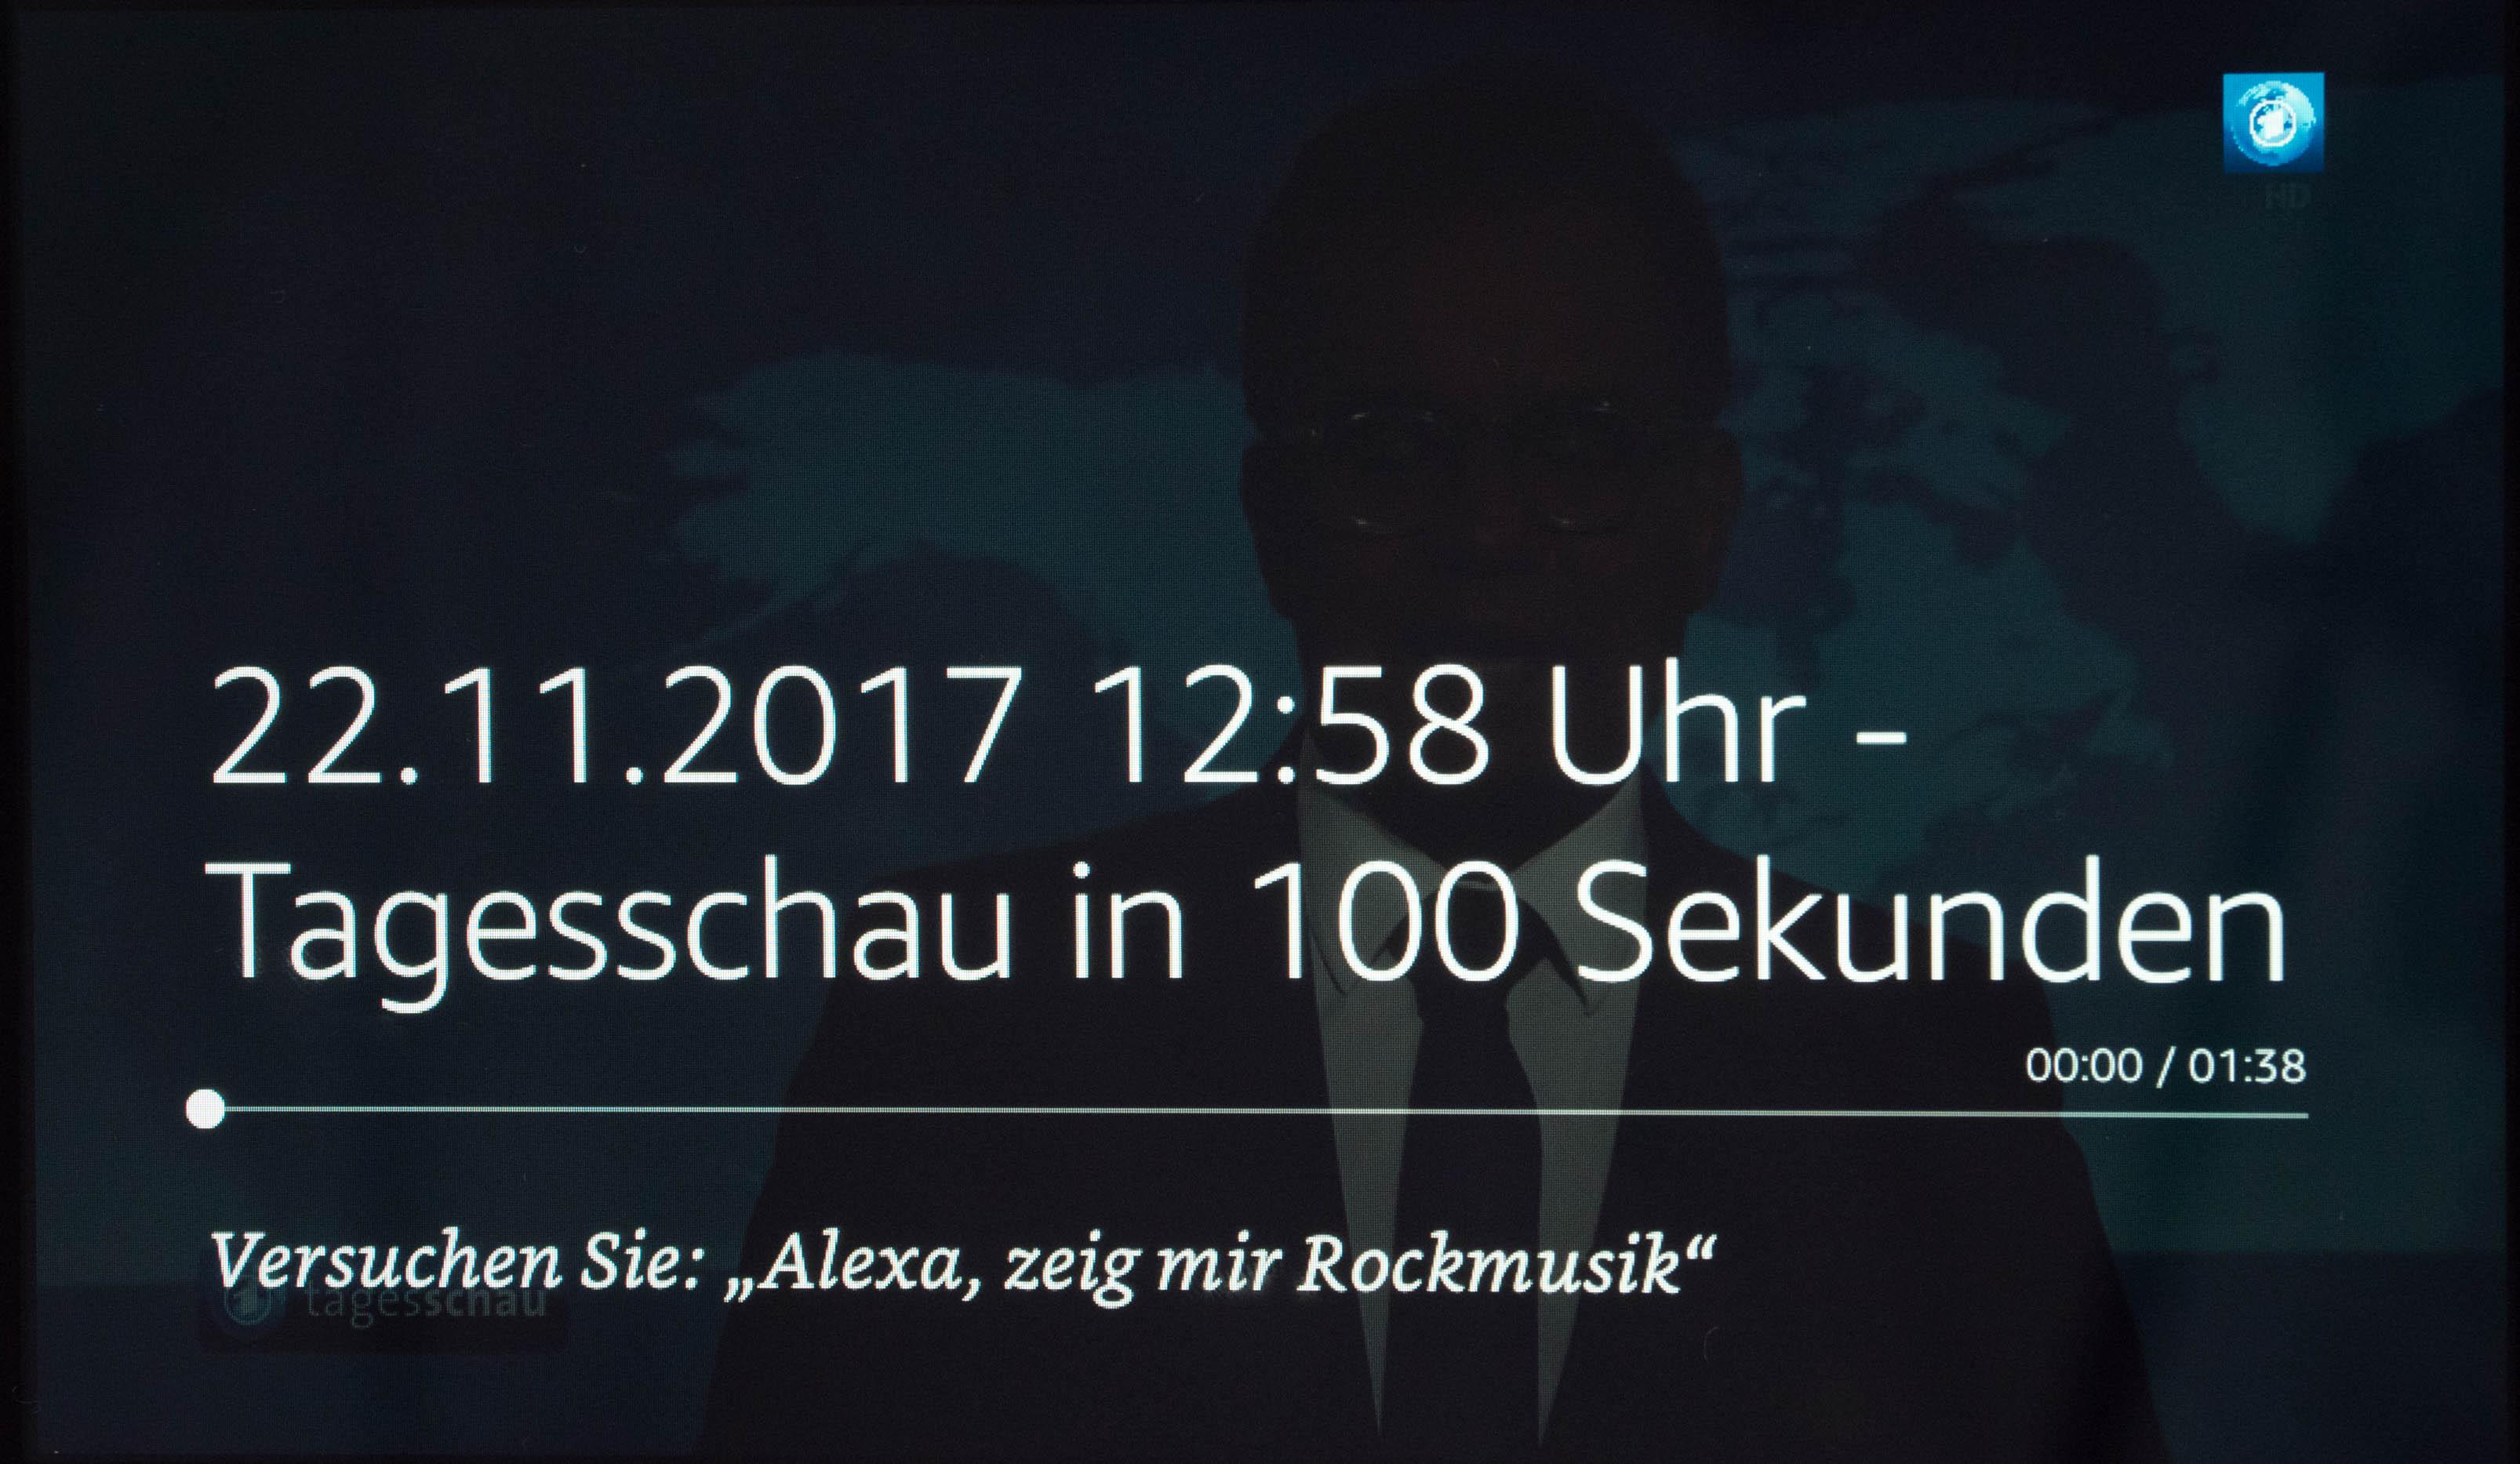 Echo Show vs. Fire HD 10 im Test: Alexa, zeig's mir! - Wenn in Skills Videos enthalten sind, ... (Bild: Martin Wolf/Golem.de)